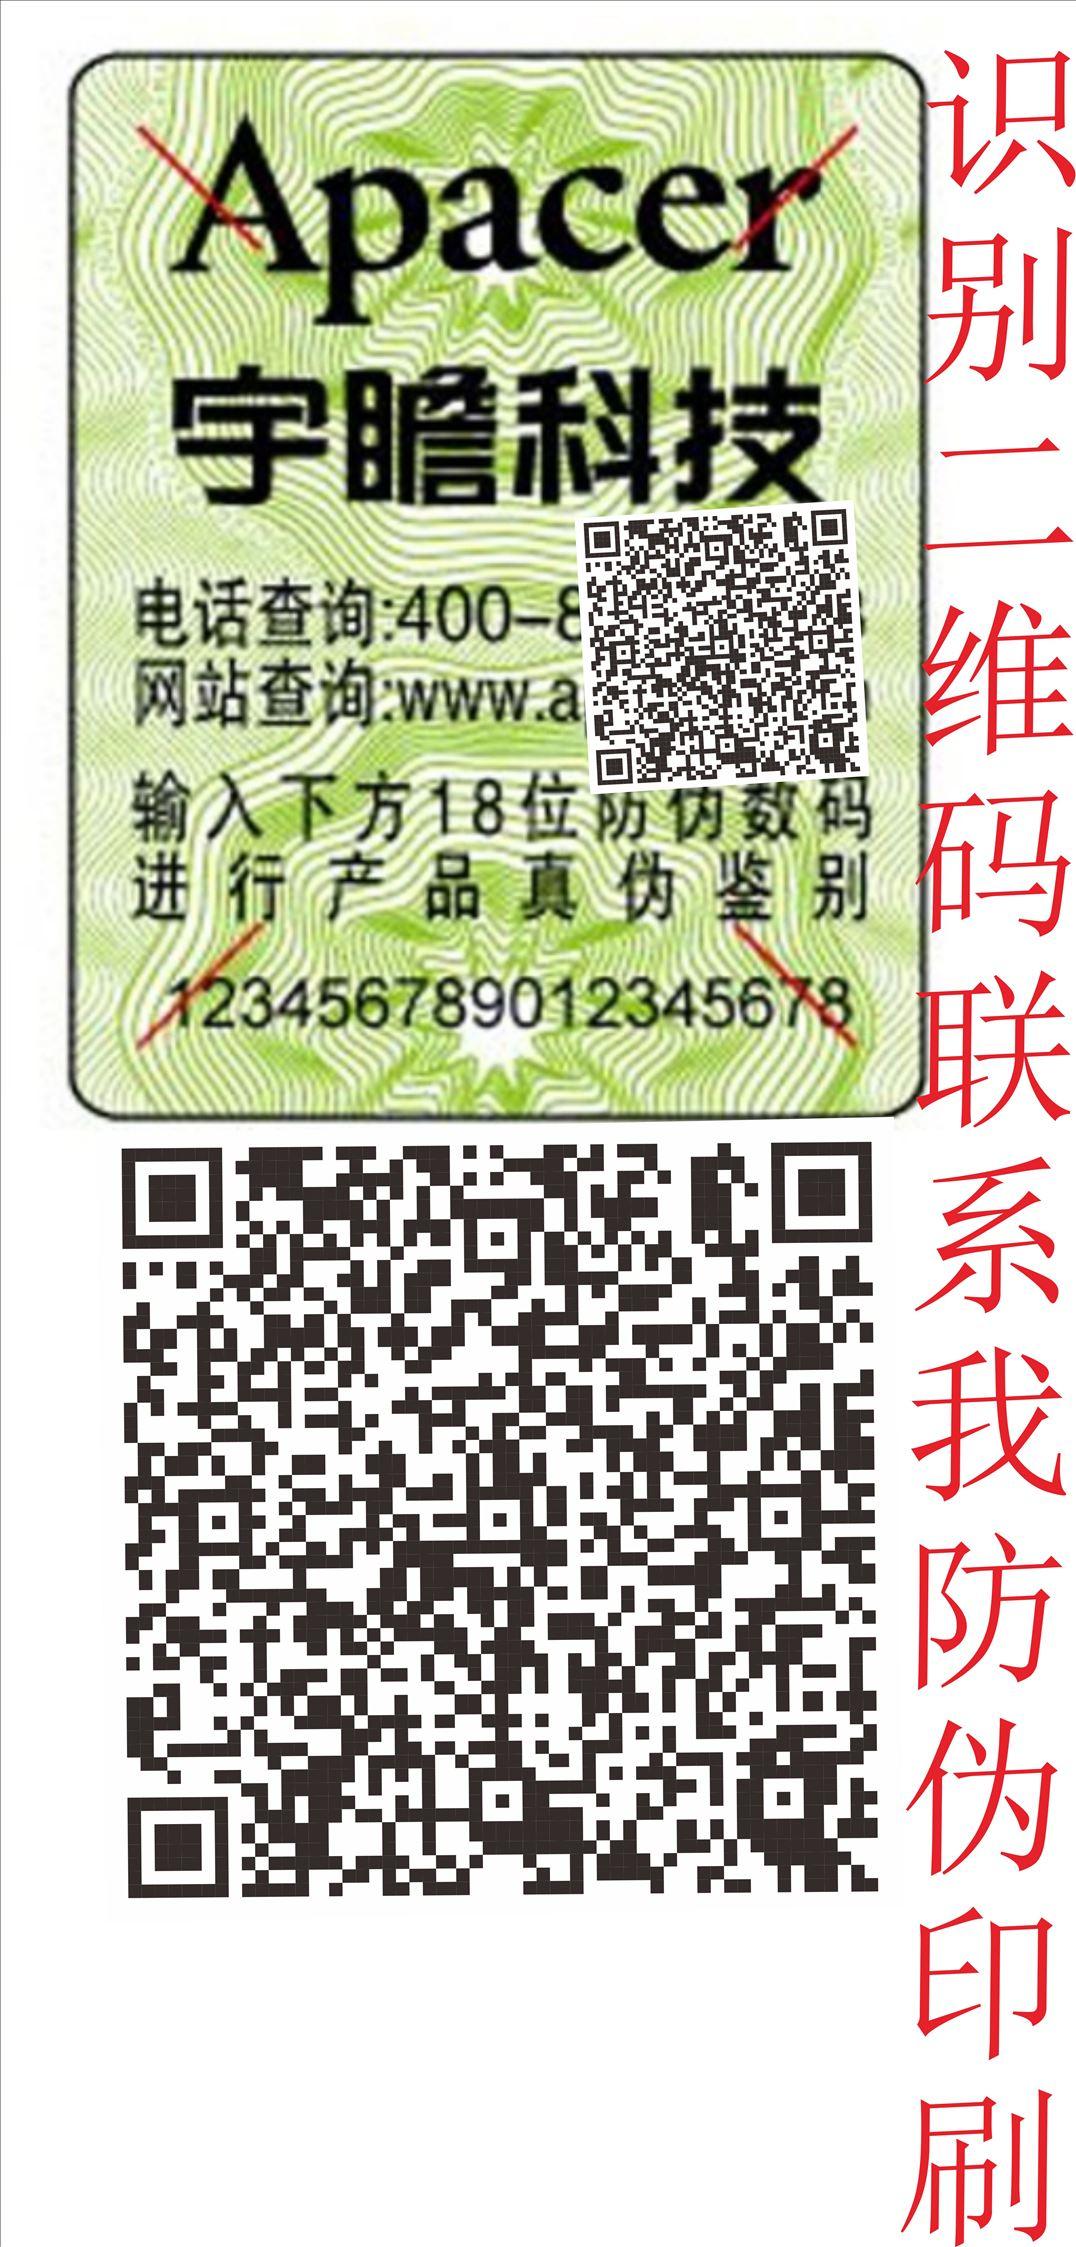 常宁电子粘接胶,用于印刷图像或加暗码点。